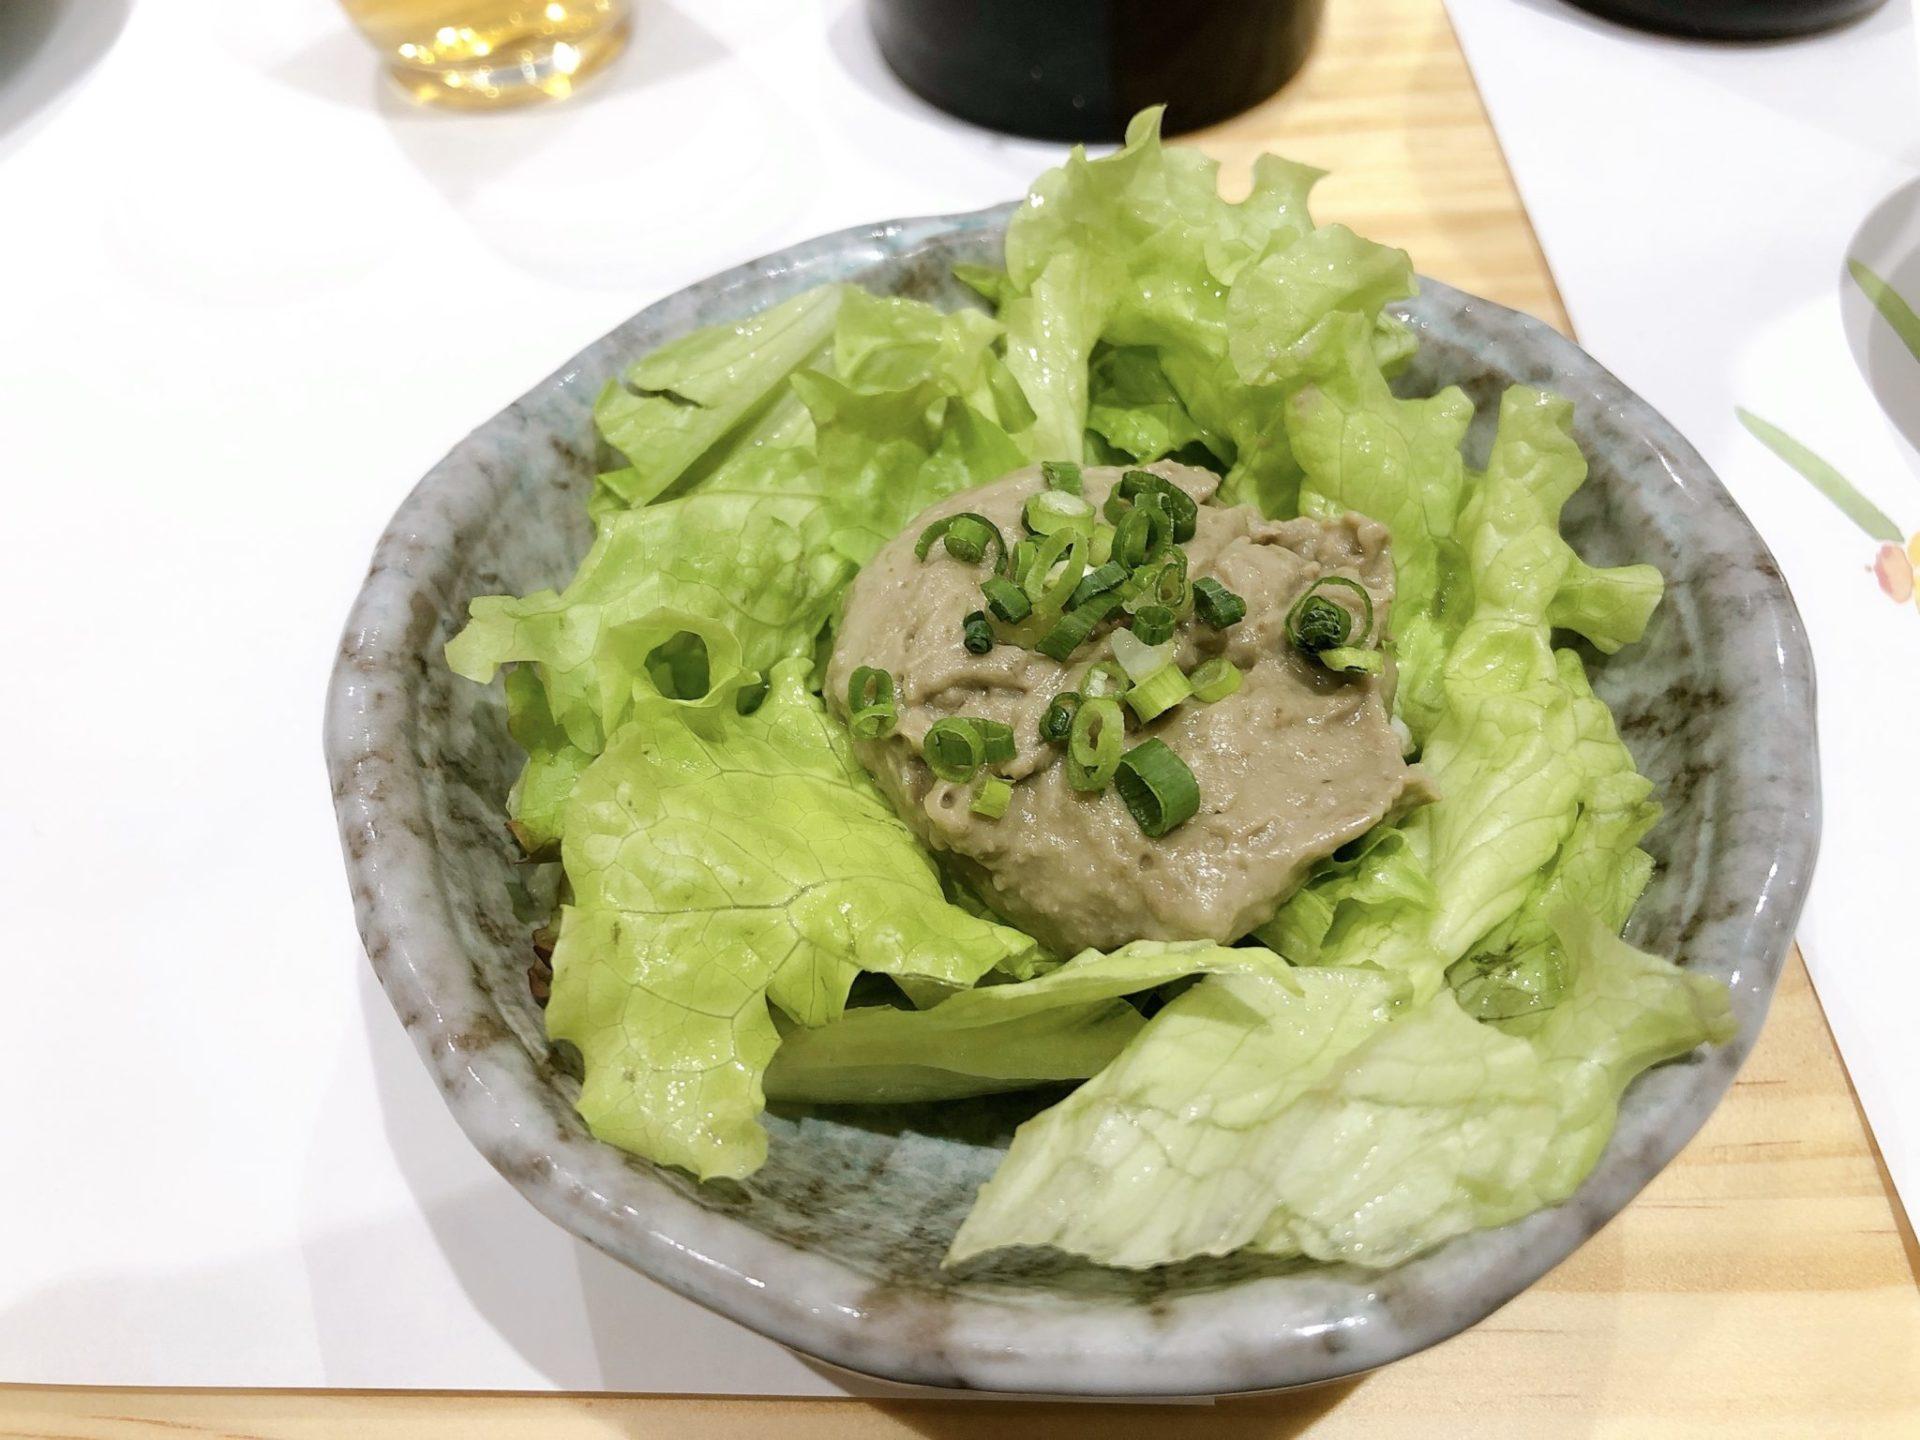 梅ヶ丘の美登利寿司のかにみそサラダ